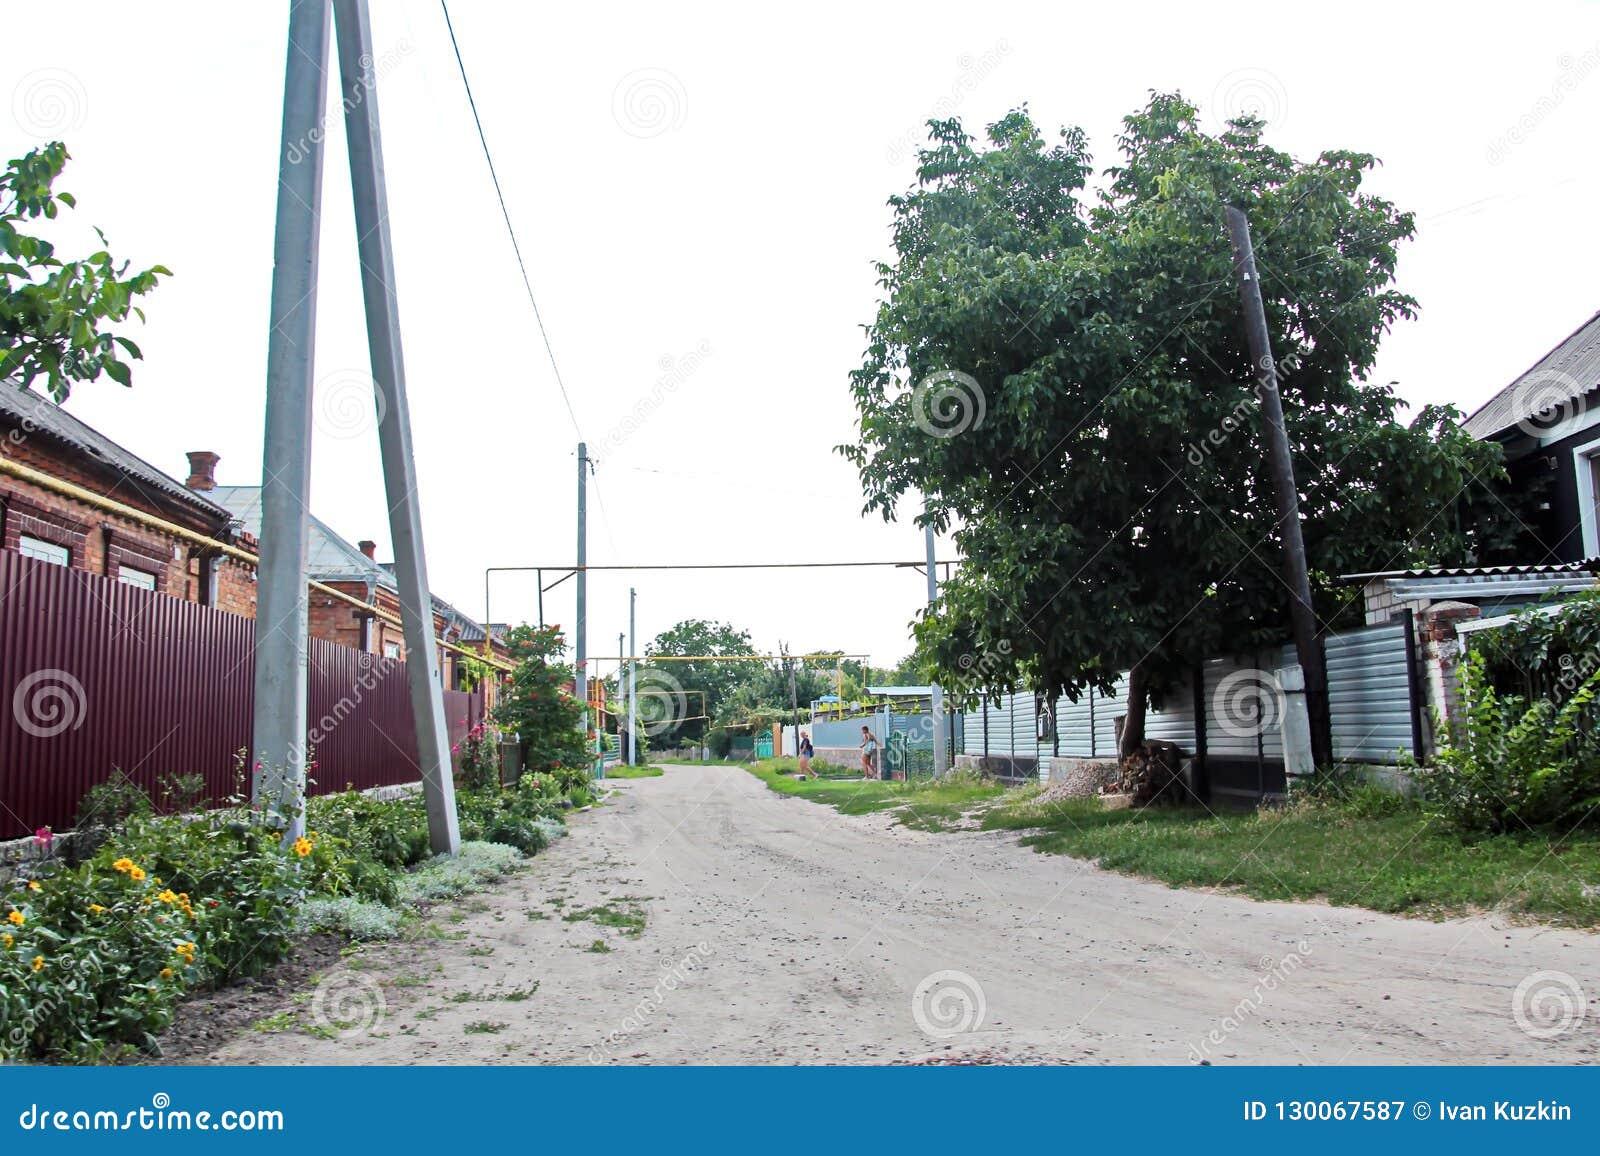 Landskapsikter av naturen, fält, byar och vägar av Ukraina Sikt från bilfönstret, när köra